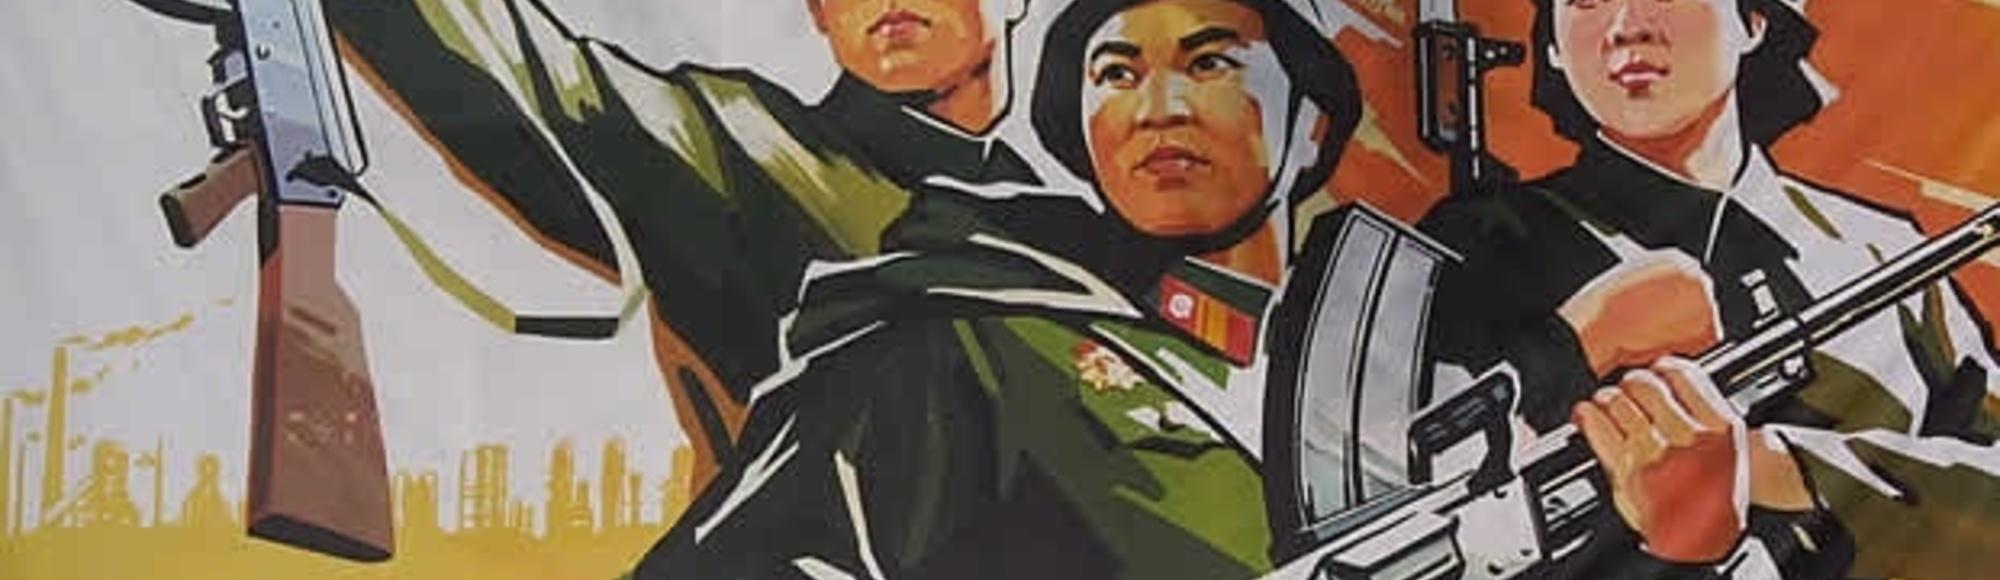 Unikli jsme: Severokorejští uprchlíci nám vyprávějí o své zemi